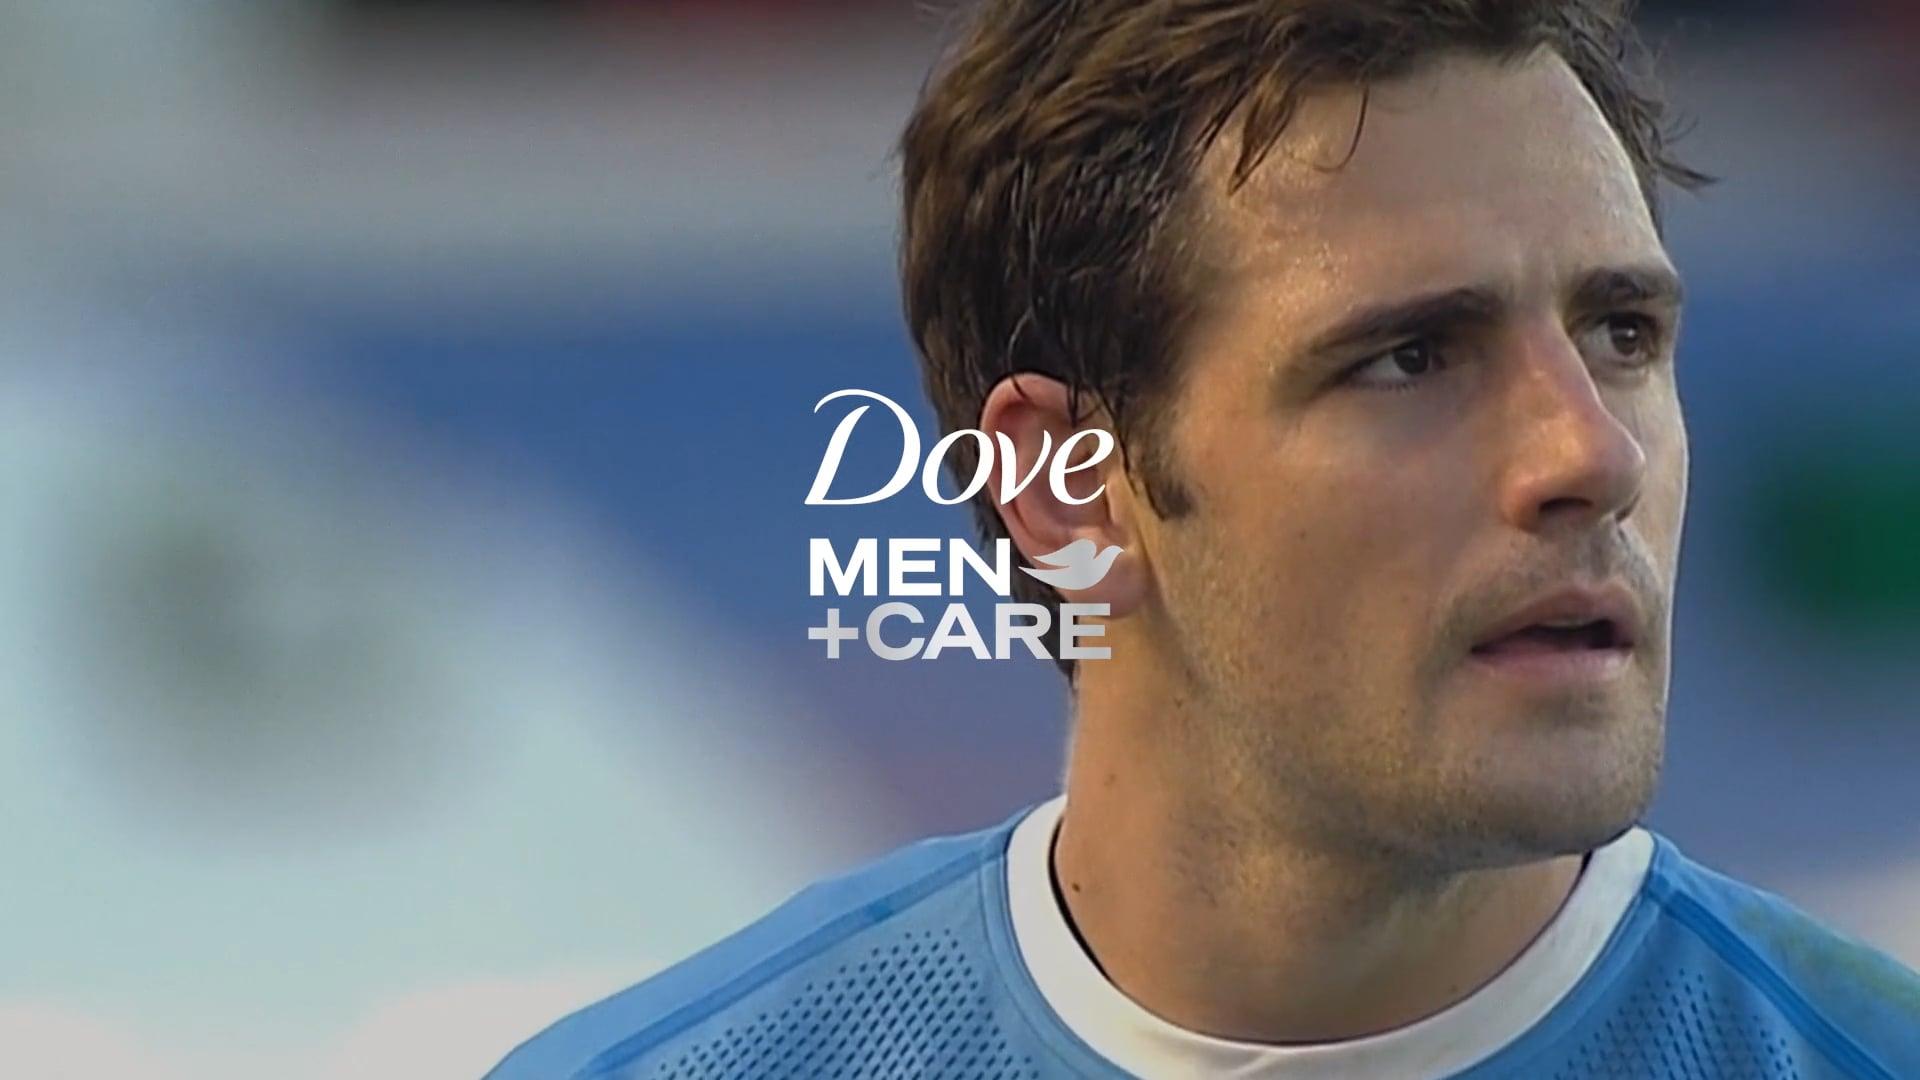 DOVE - A Tough Job - Nico Sanchez